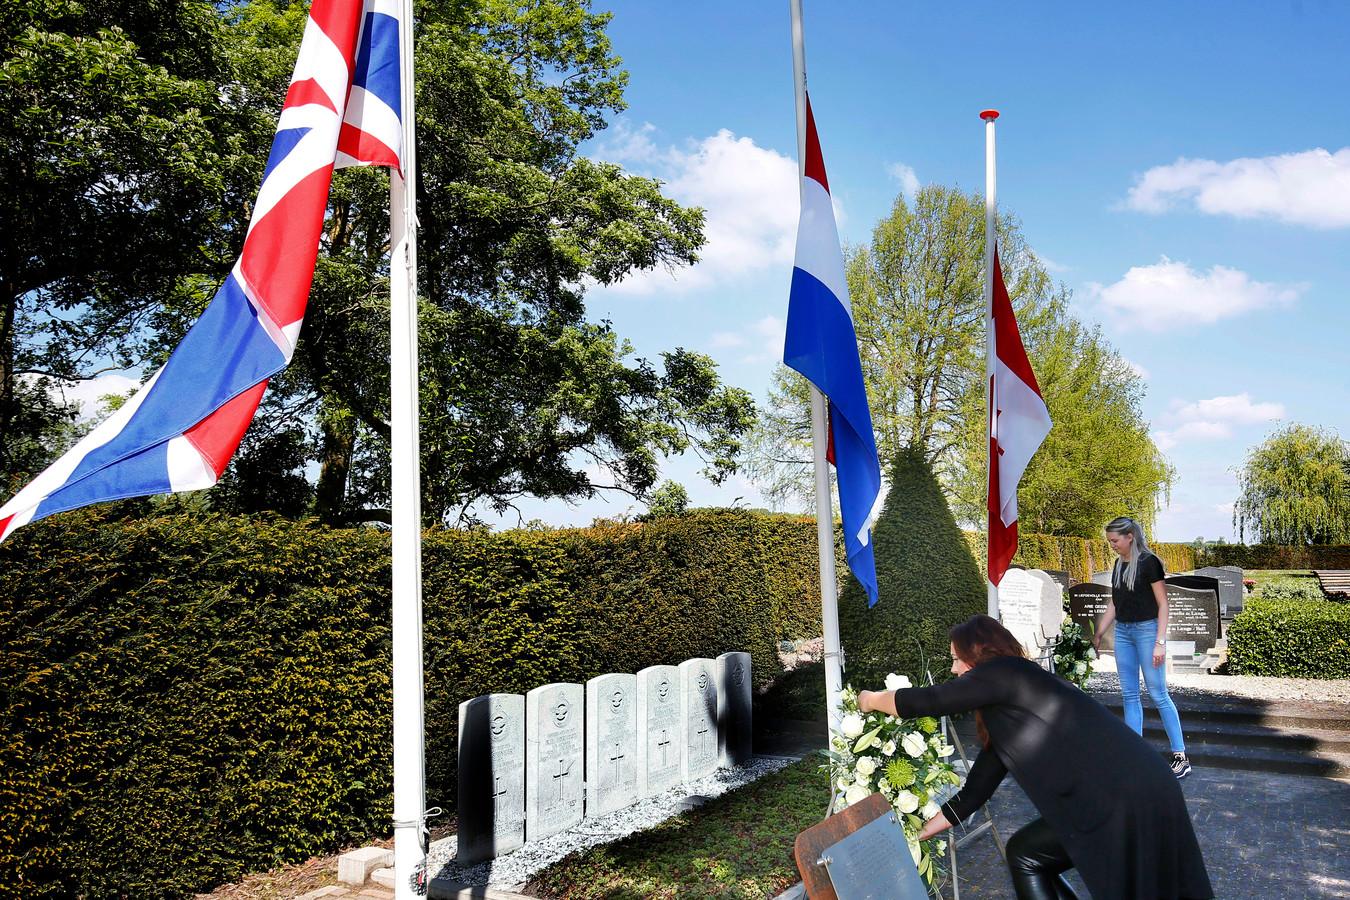 Kleinschalige herdenking op de begraafplaats van Hei- en Boeicop vorig jaar. Net als vorig jaar, wordt er dit jaar een video van de herdenking gedeeld, zo dat een ieder vanuit huis bij het moment stil kan staan.